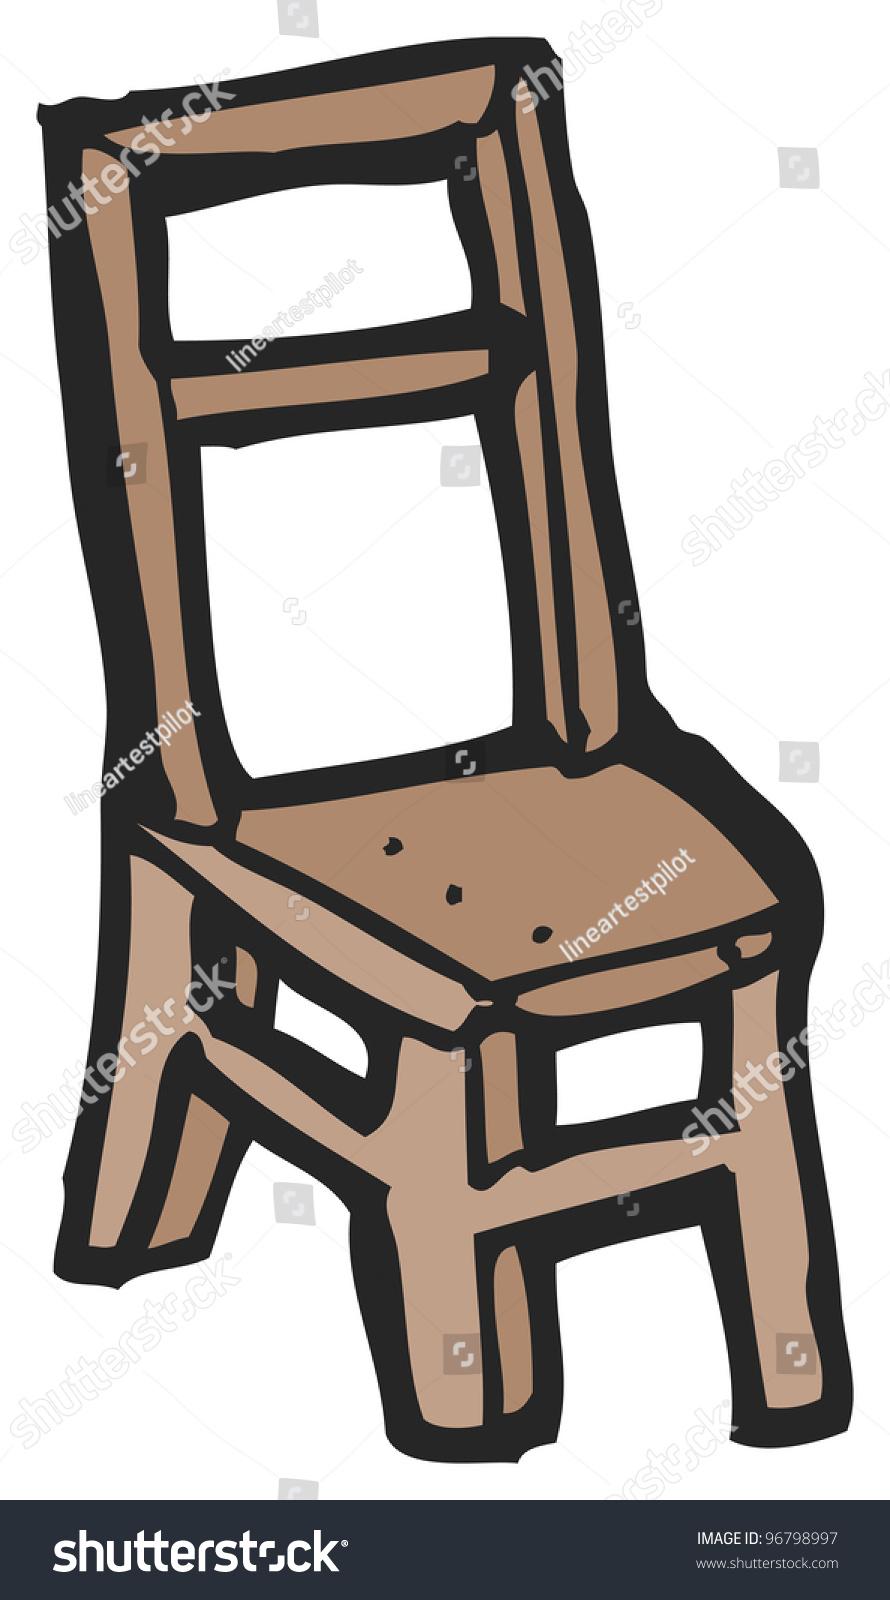 Cartoon Wooden Chair ~ Wooden chair cartoon stock photo shutterstock